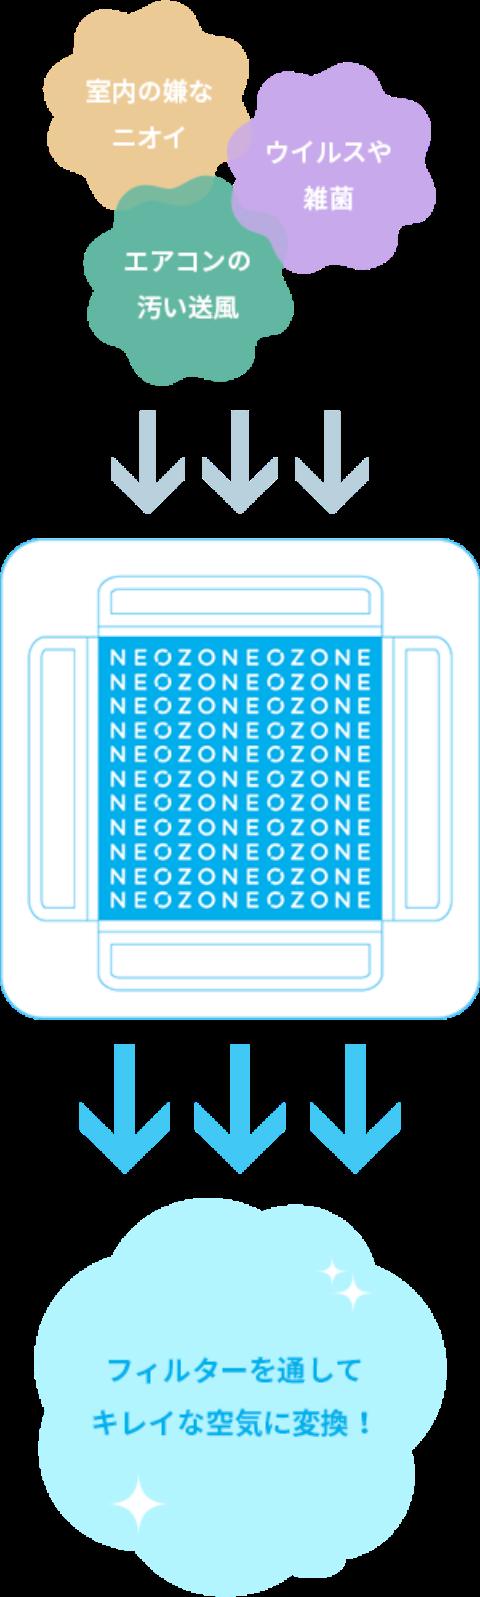 室内の嫌なニオイ ウイルスや雑菌 エアコンの汚い送風 NEO・ZONE フィルターを通してキレイな空気に変換!